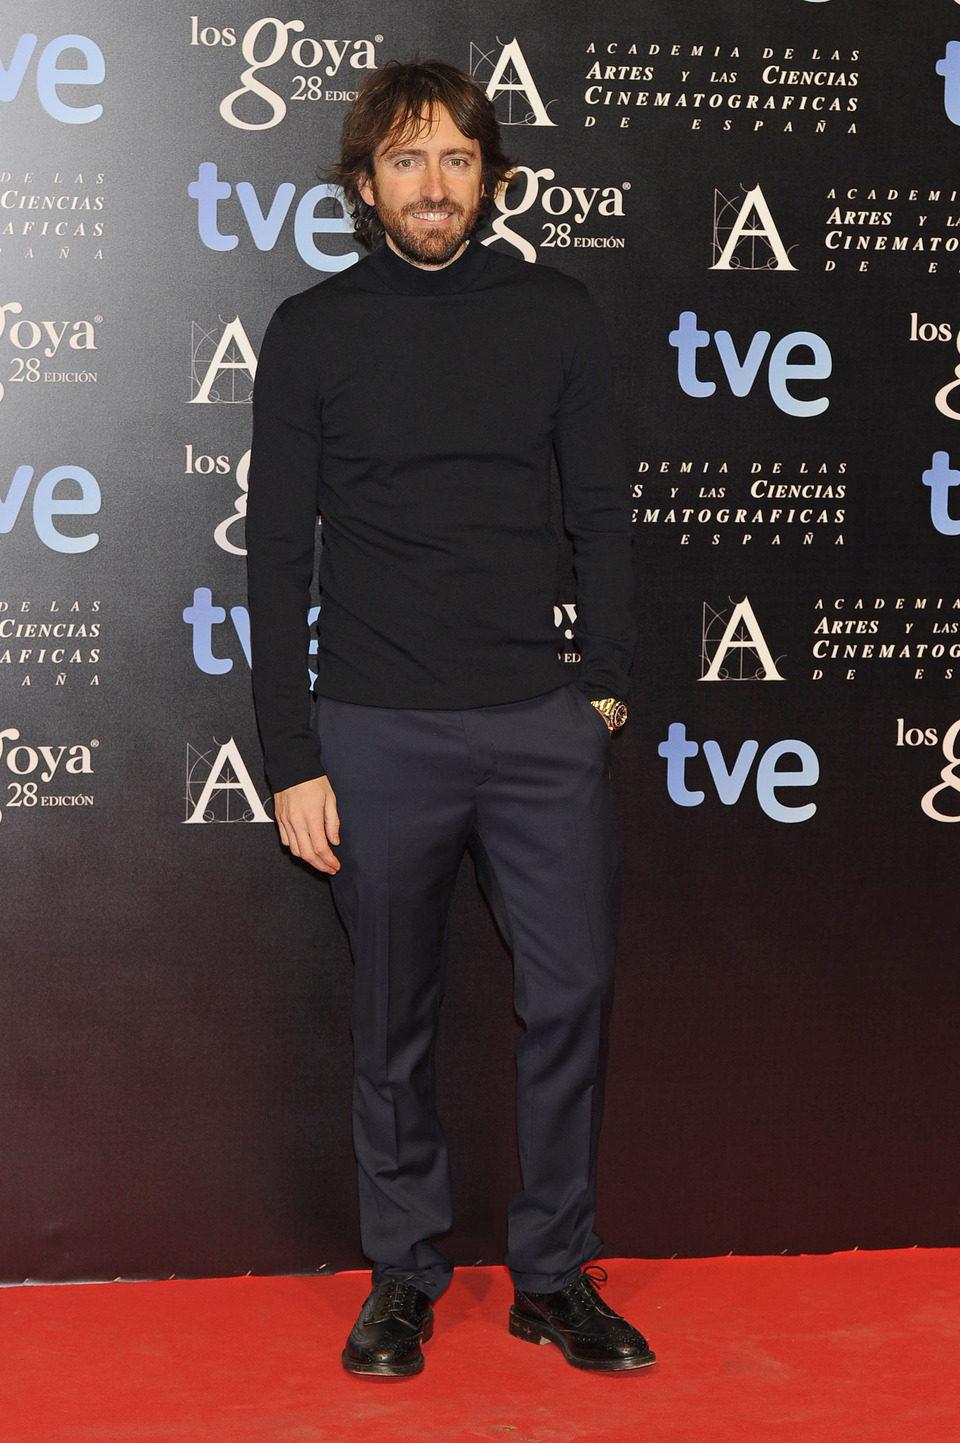 Daniel Sánchez Arévalo en la alfombra roja de la fiesta de los nominados a los premios Goya 2014